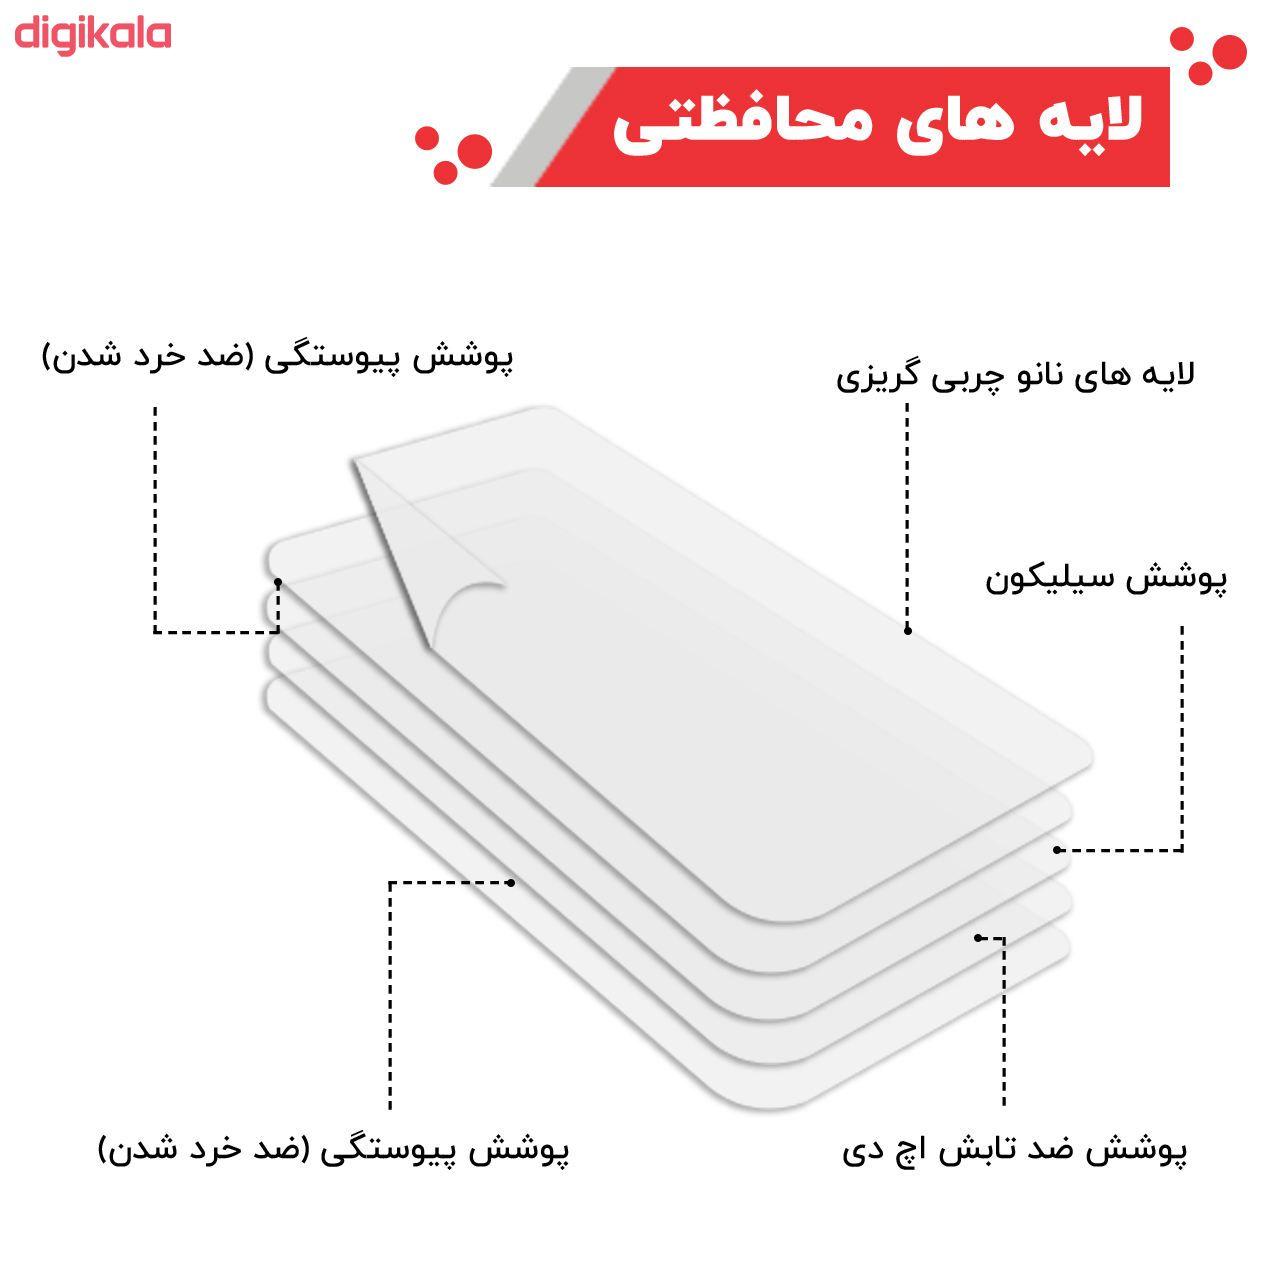 محافظ صفحه نمایش فوکس مدل PR001 مناسب برای گوشی موبایل سامسونگ Galaxy A21s main 1 6